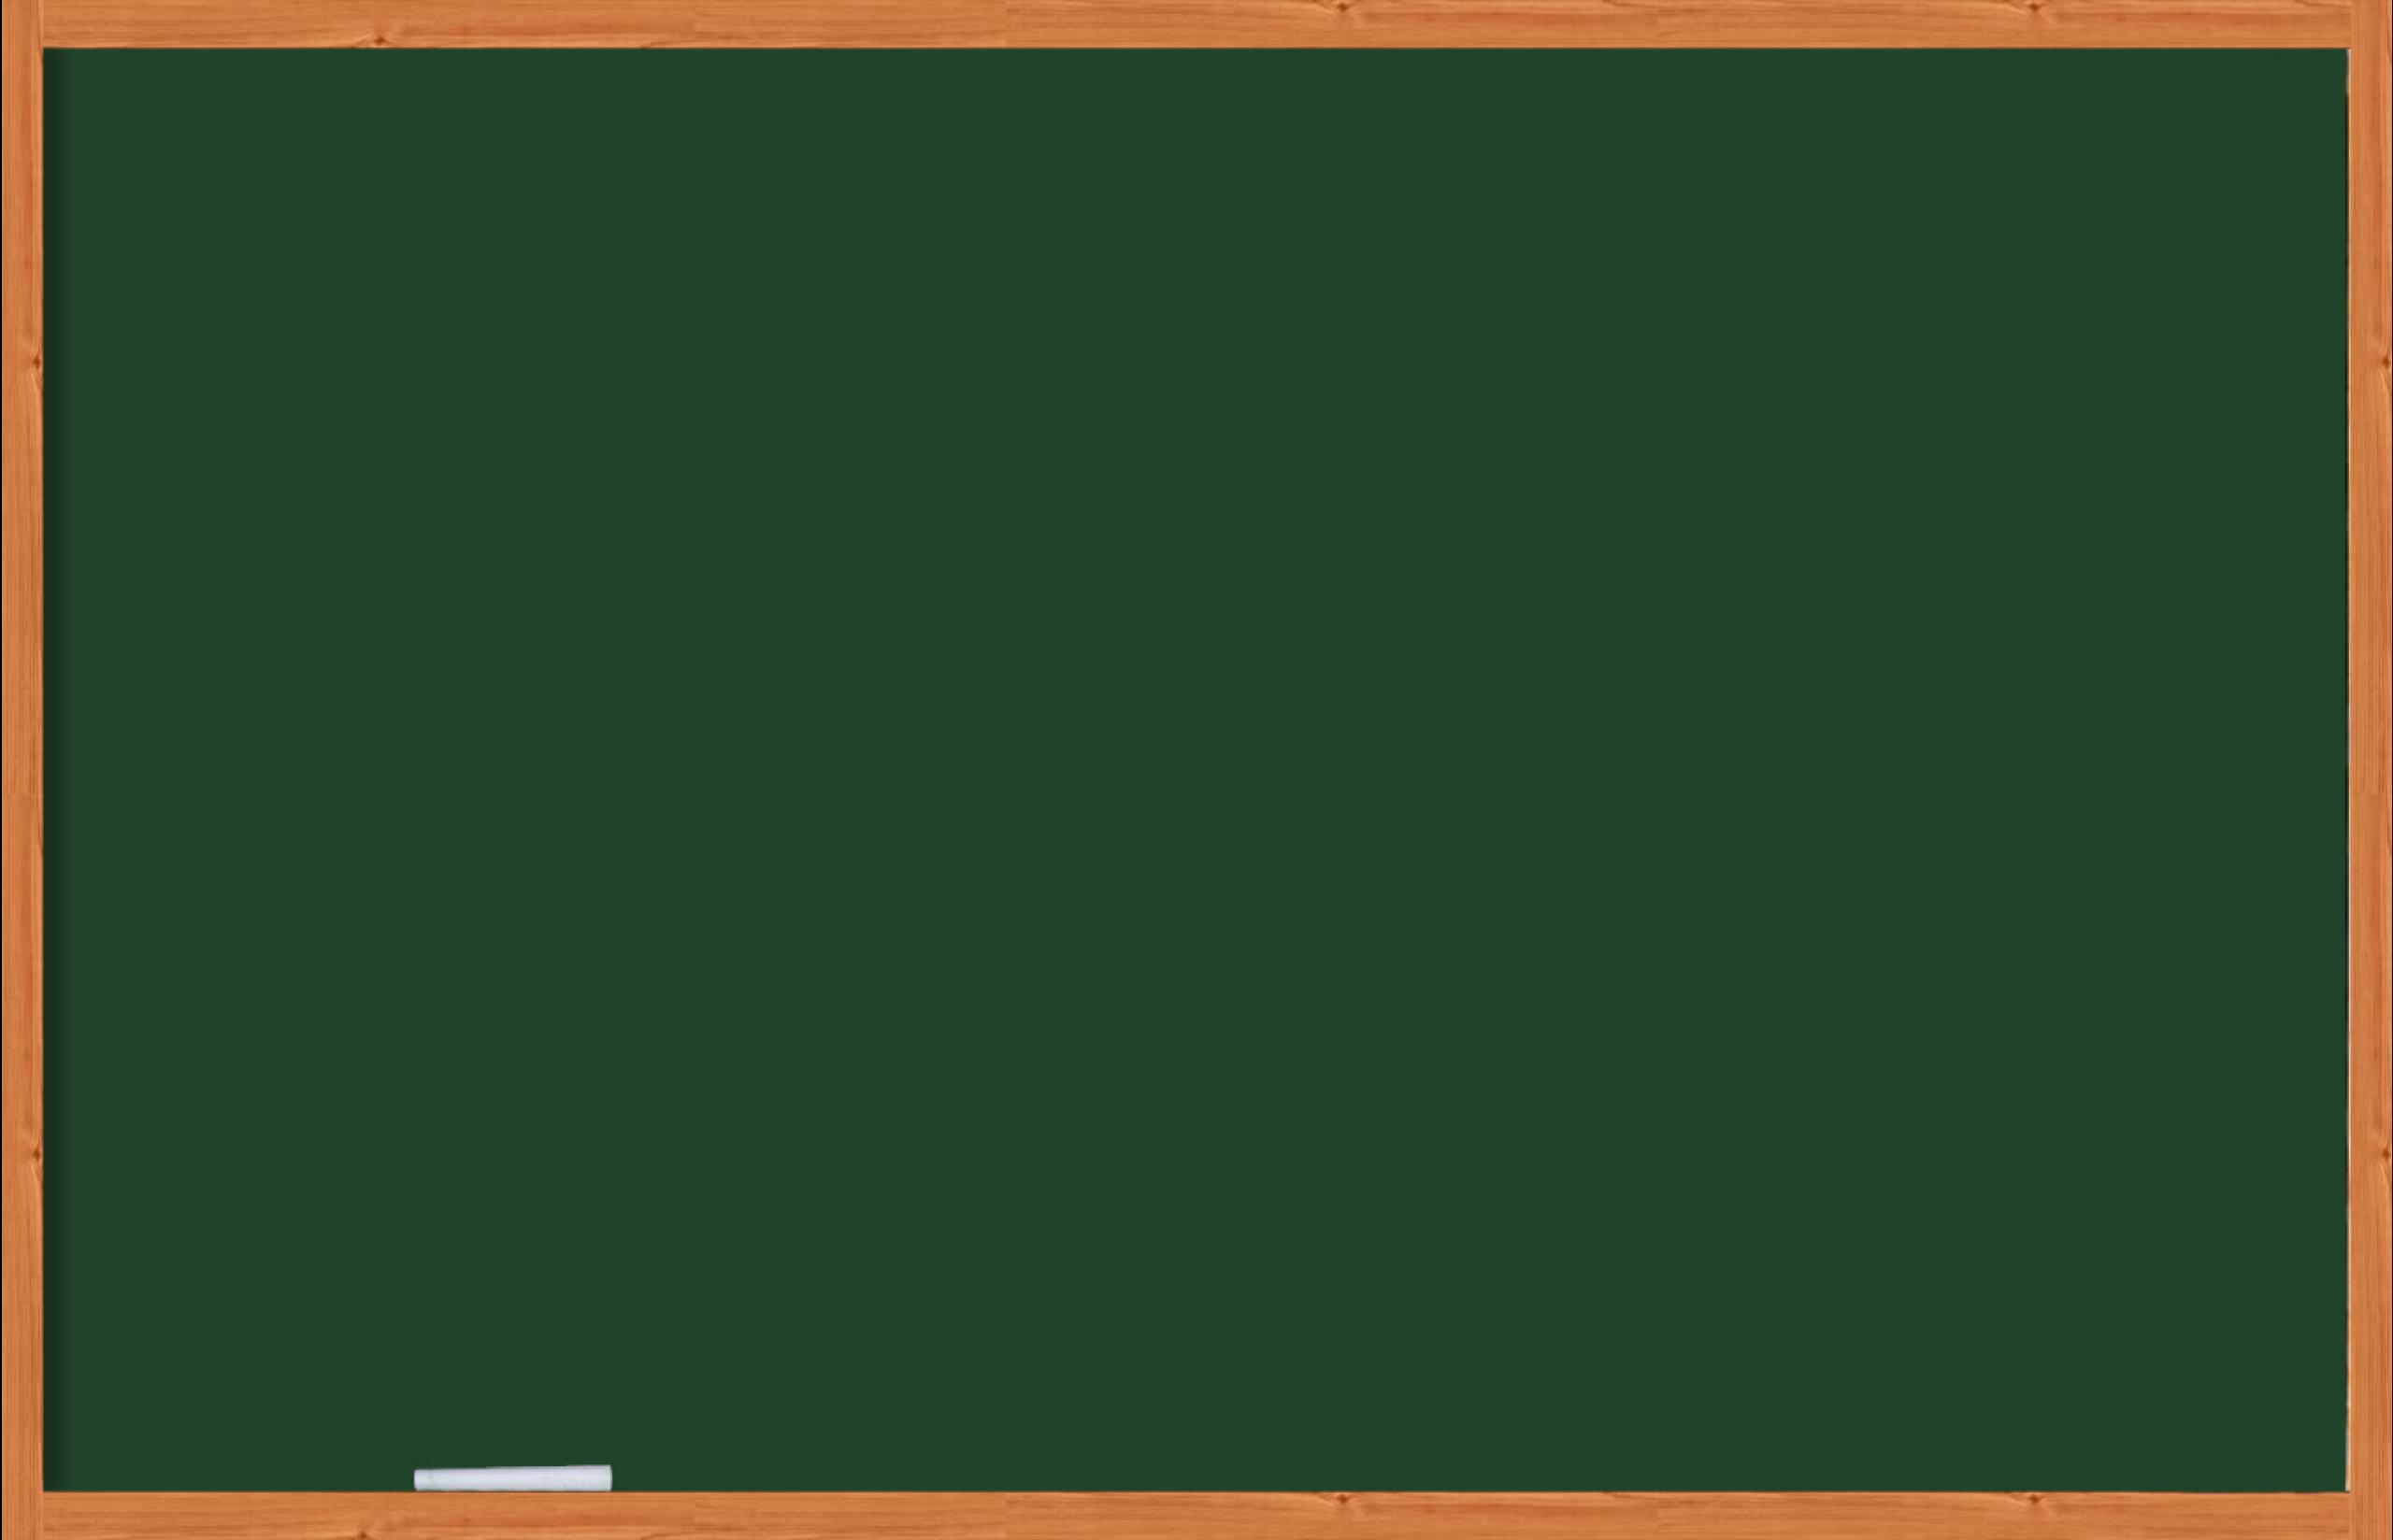 高中数学-函数性质综合-虎斑教育